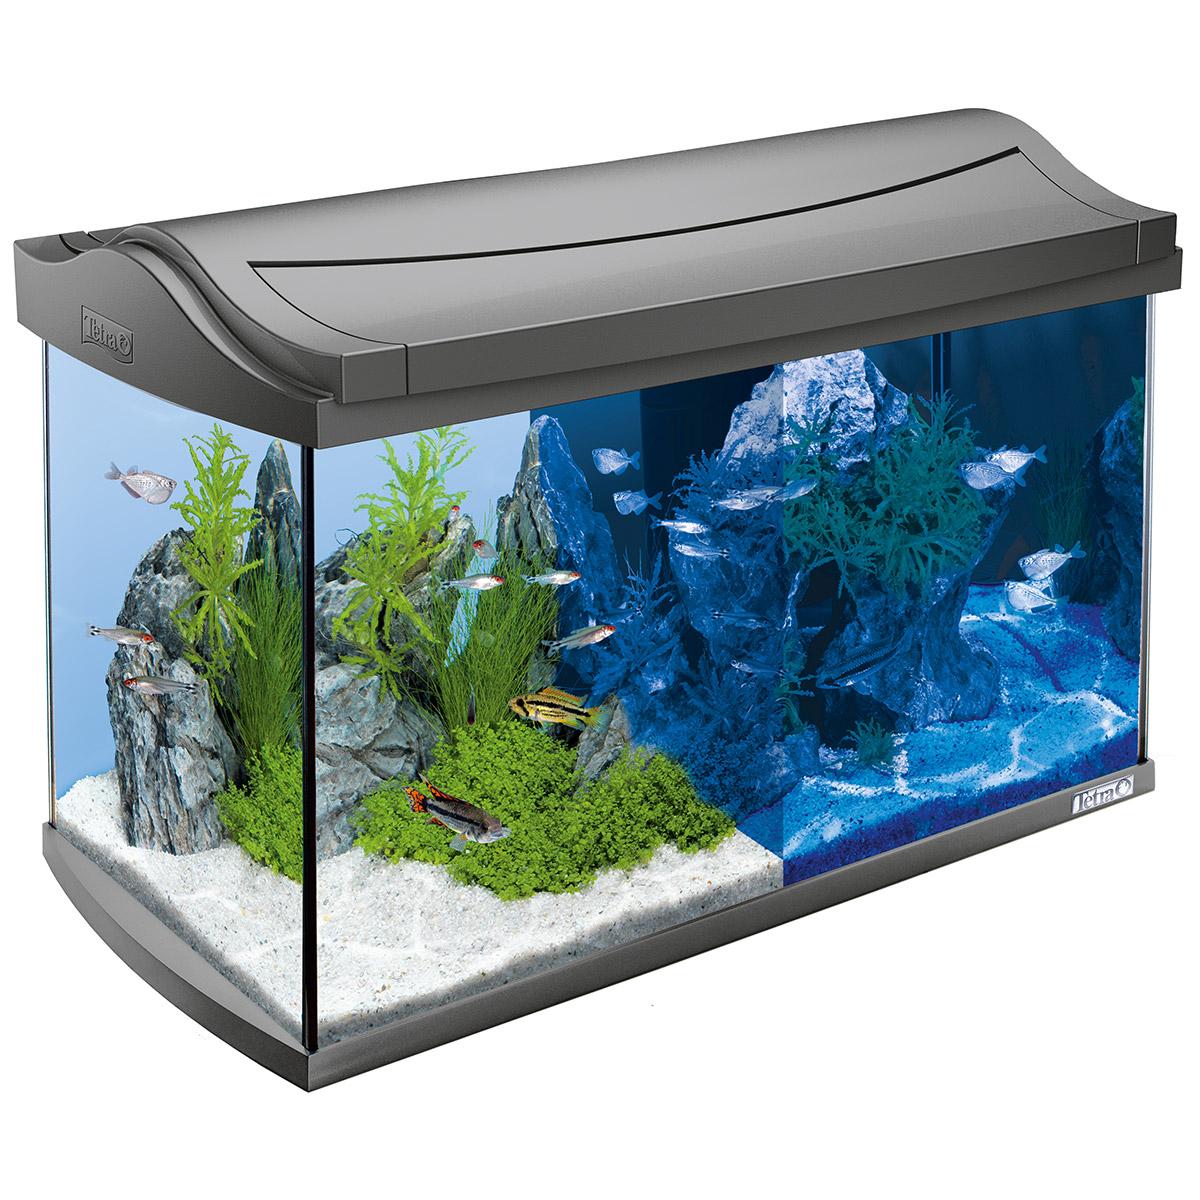 tetra aquaart led aquarium komplettset anthrazit On aquarium komplettset